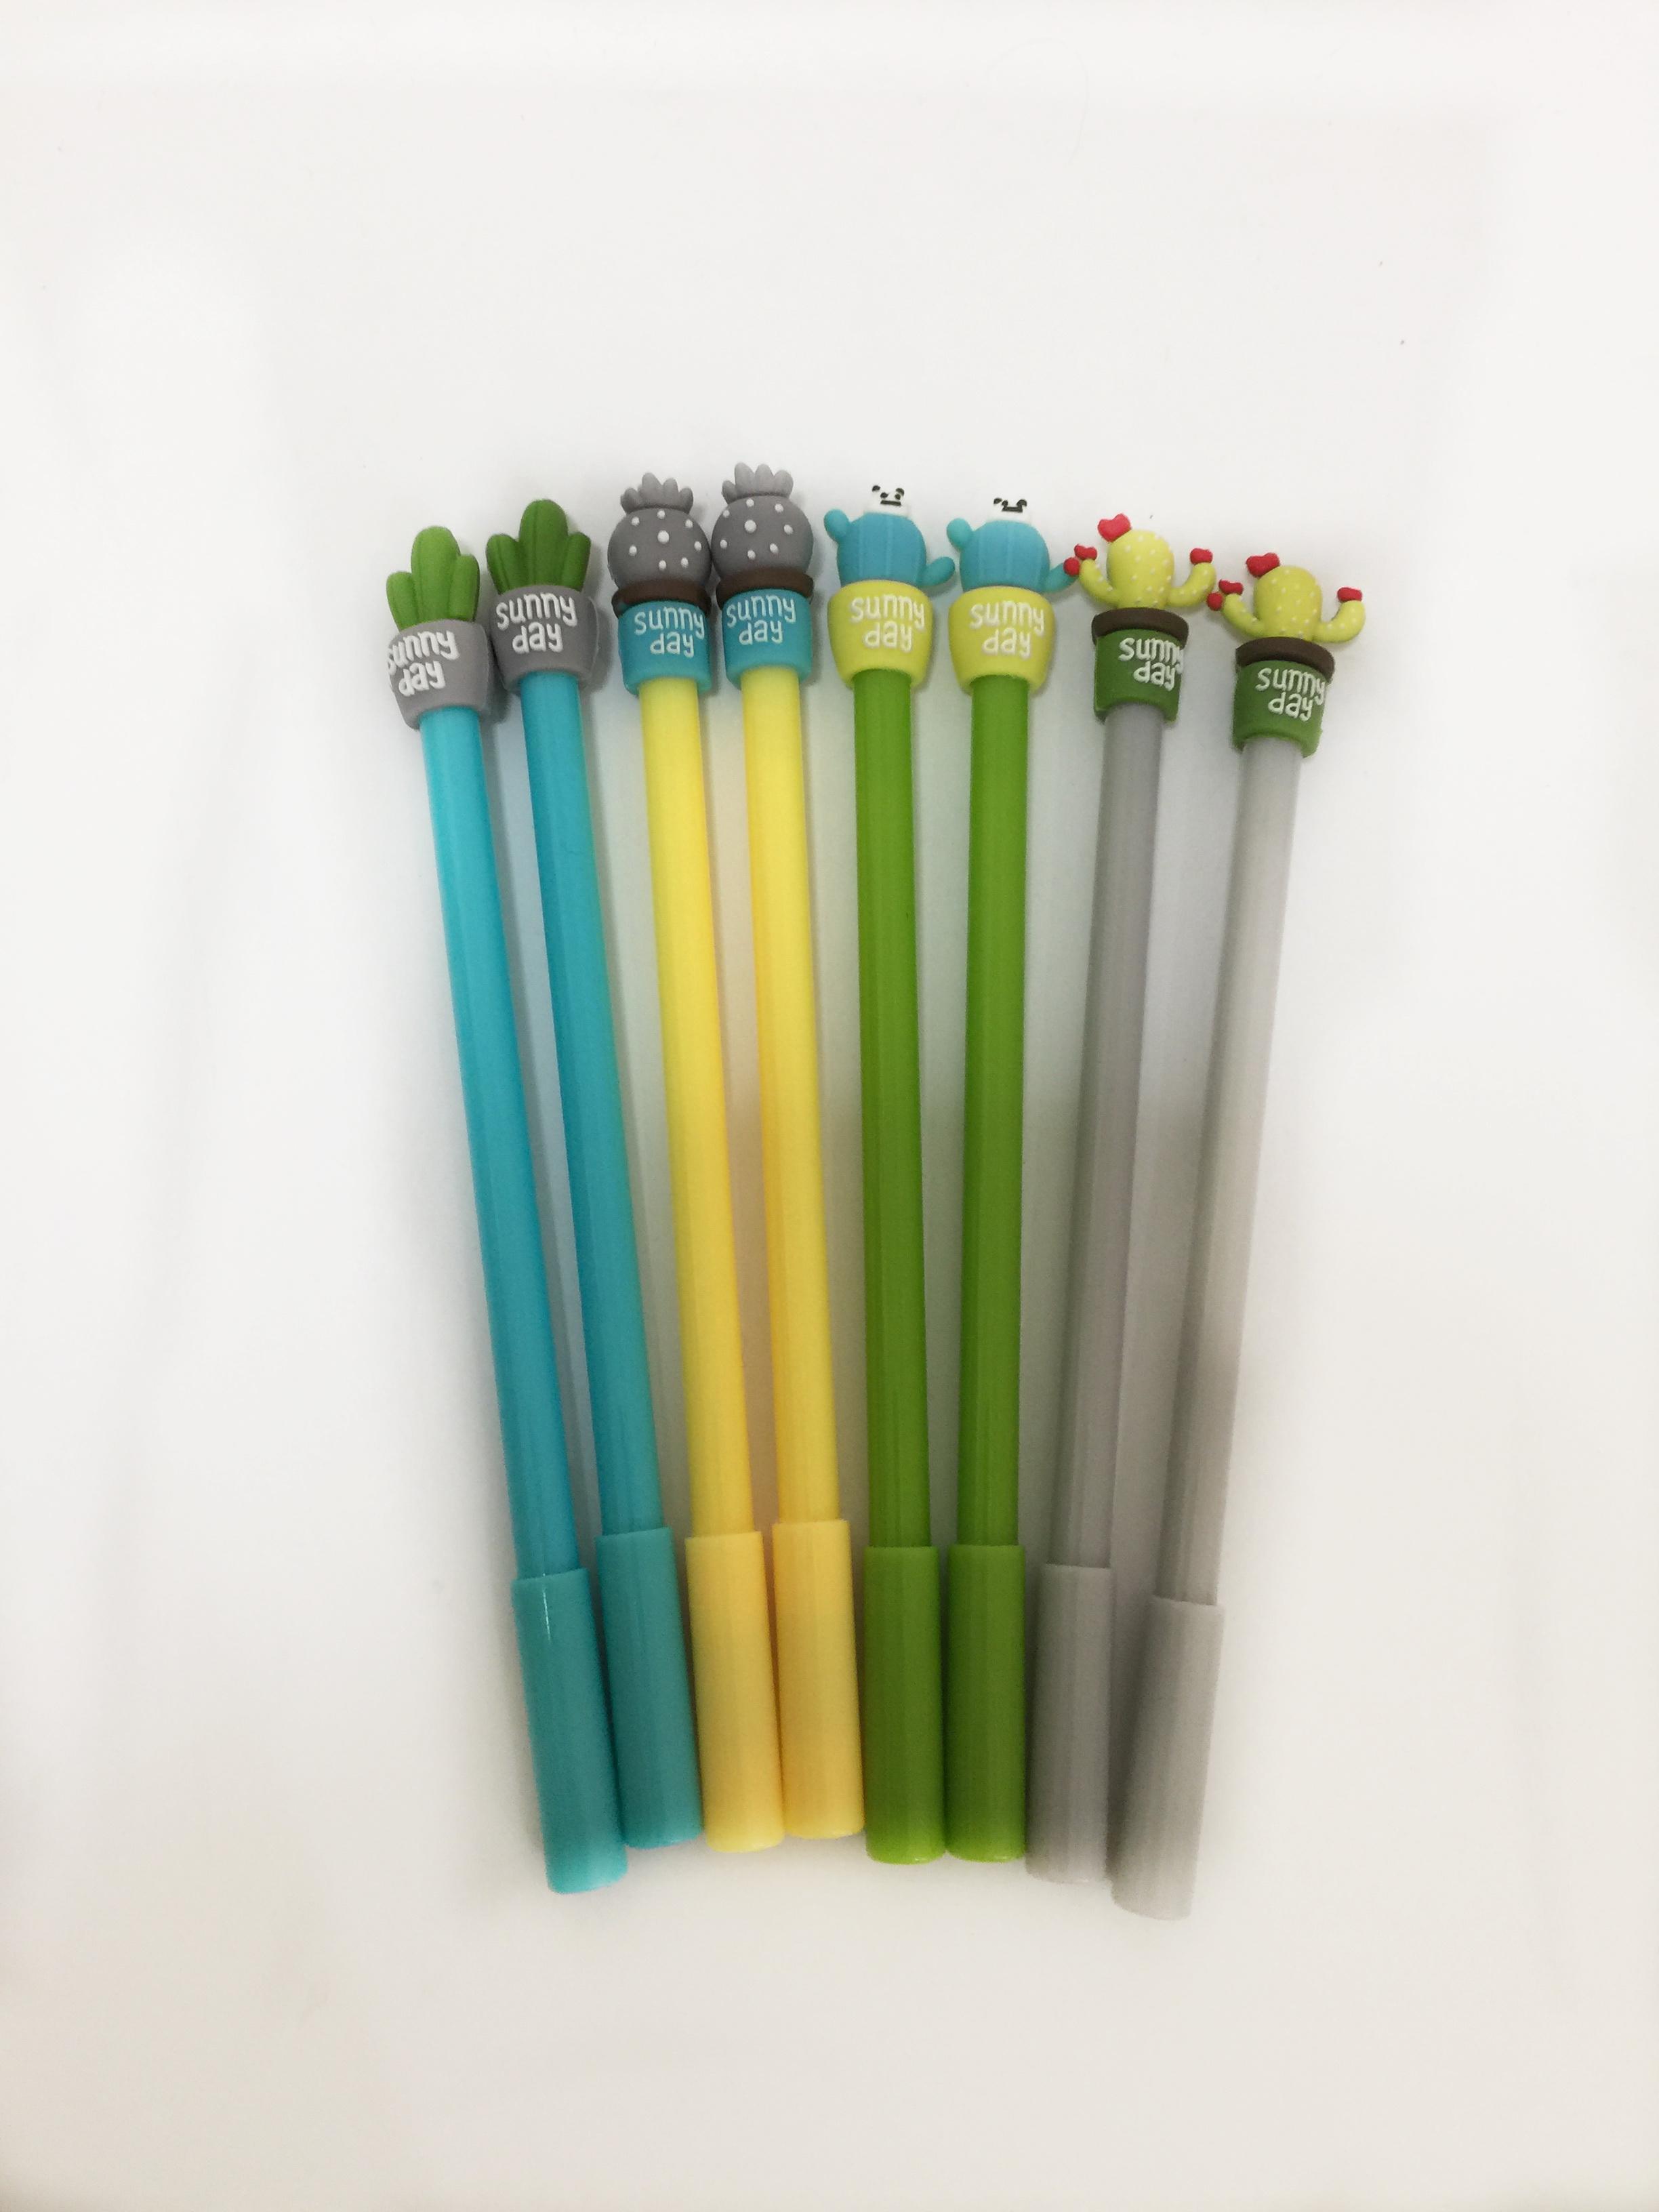 ปากกาเจลกระบองเพชร (แพ็ค 12 ด้าม)